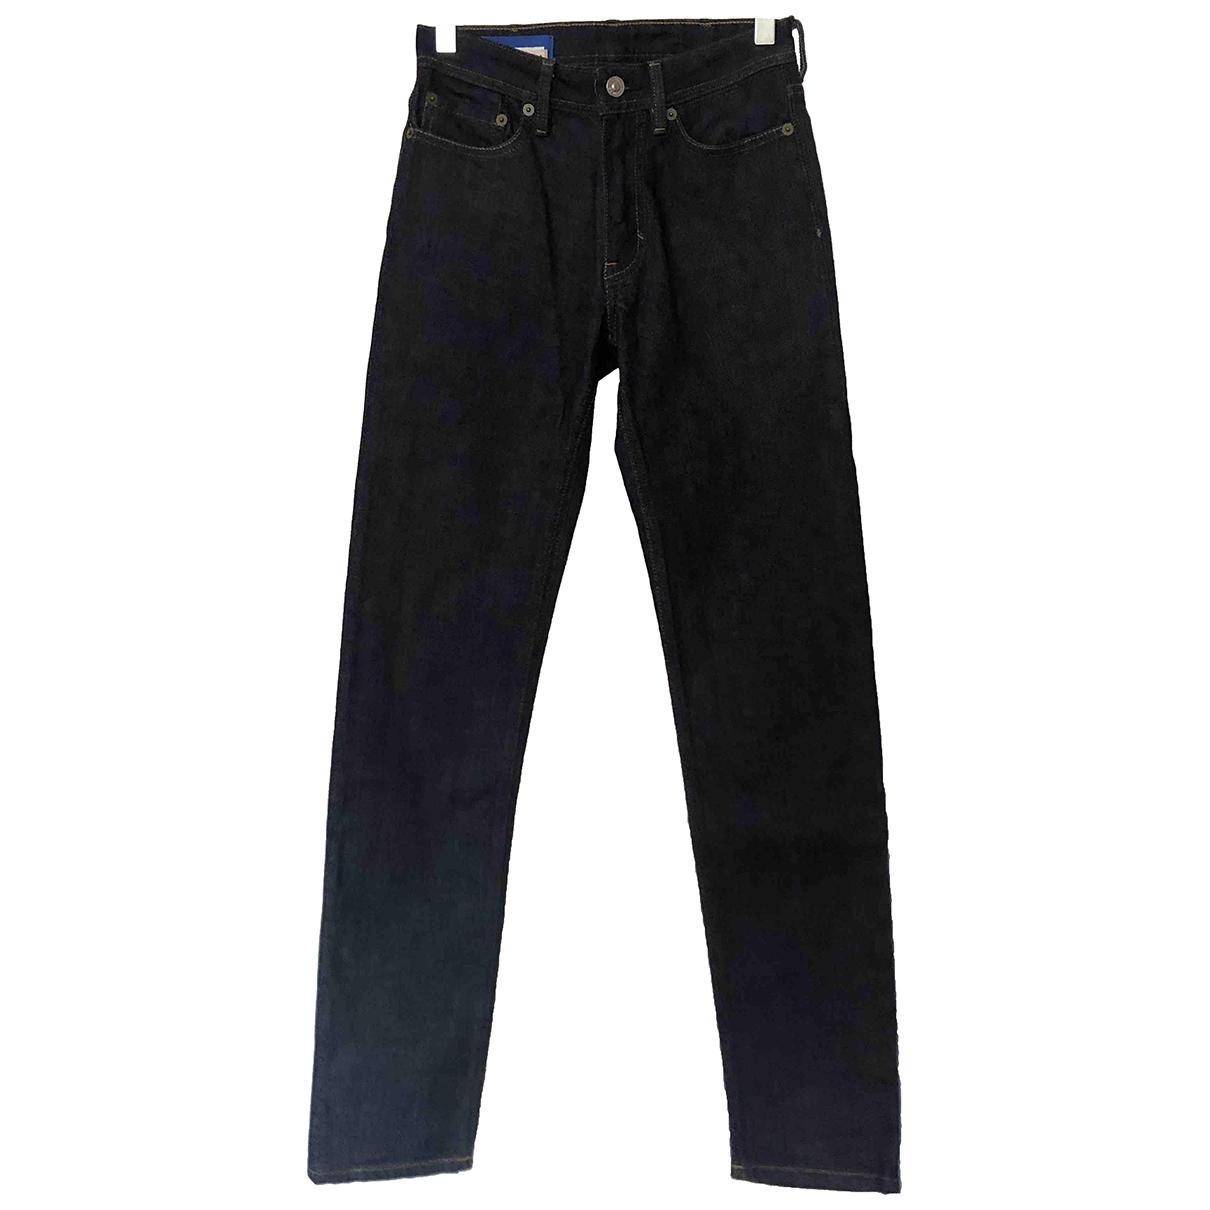 Acne Studios Blå Konst Blue Denim - Jeans Jeans for Women 34 FR